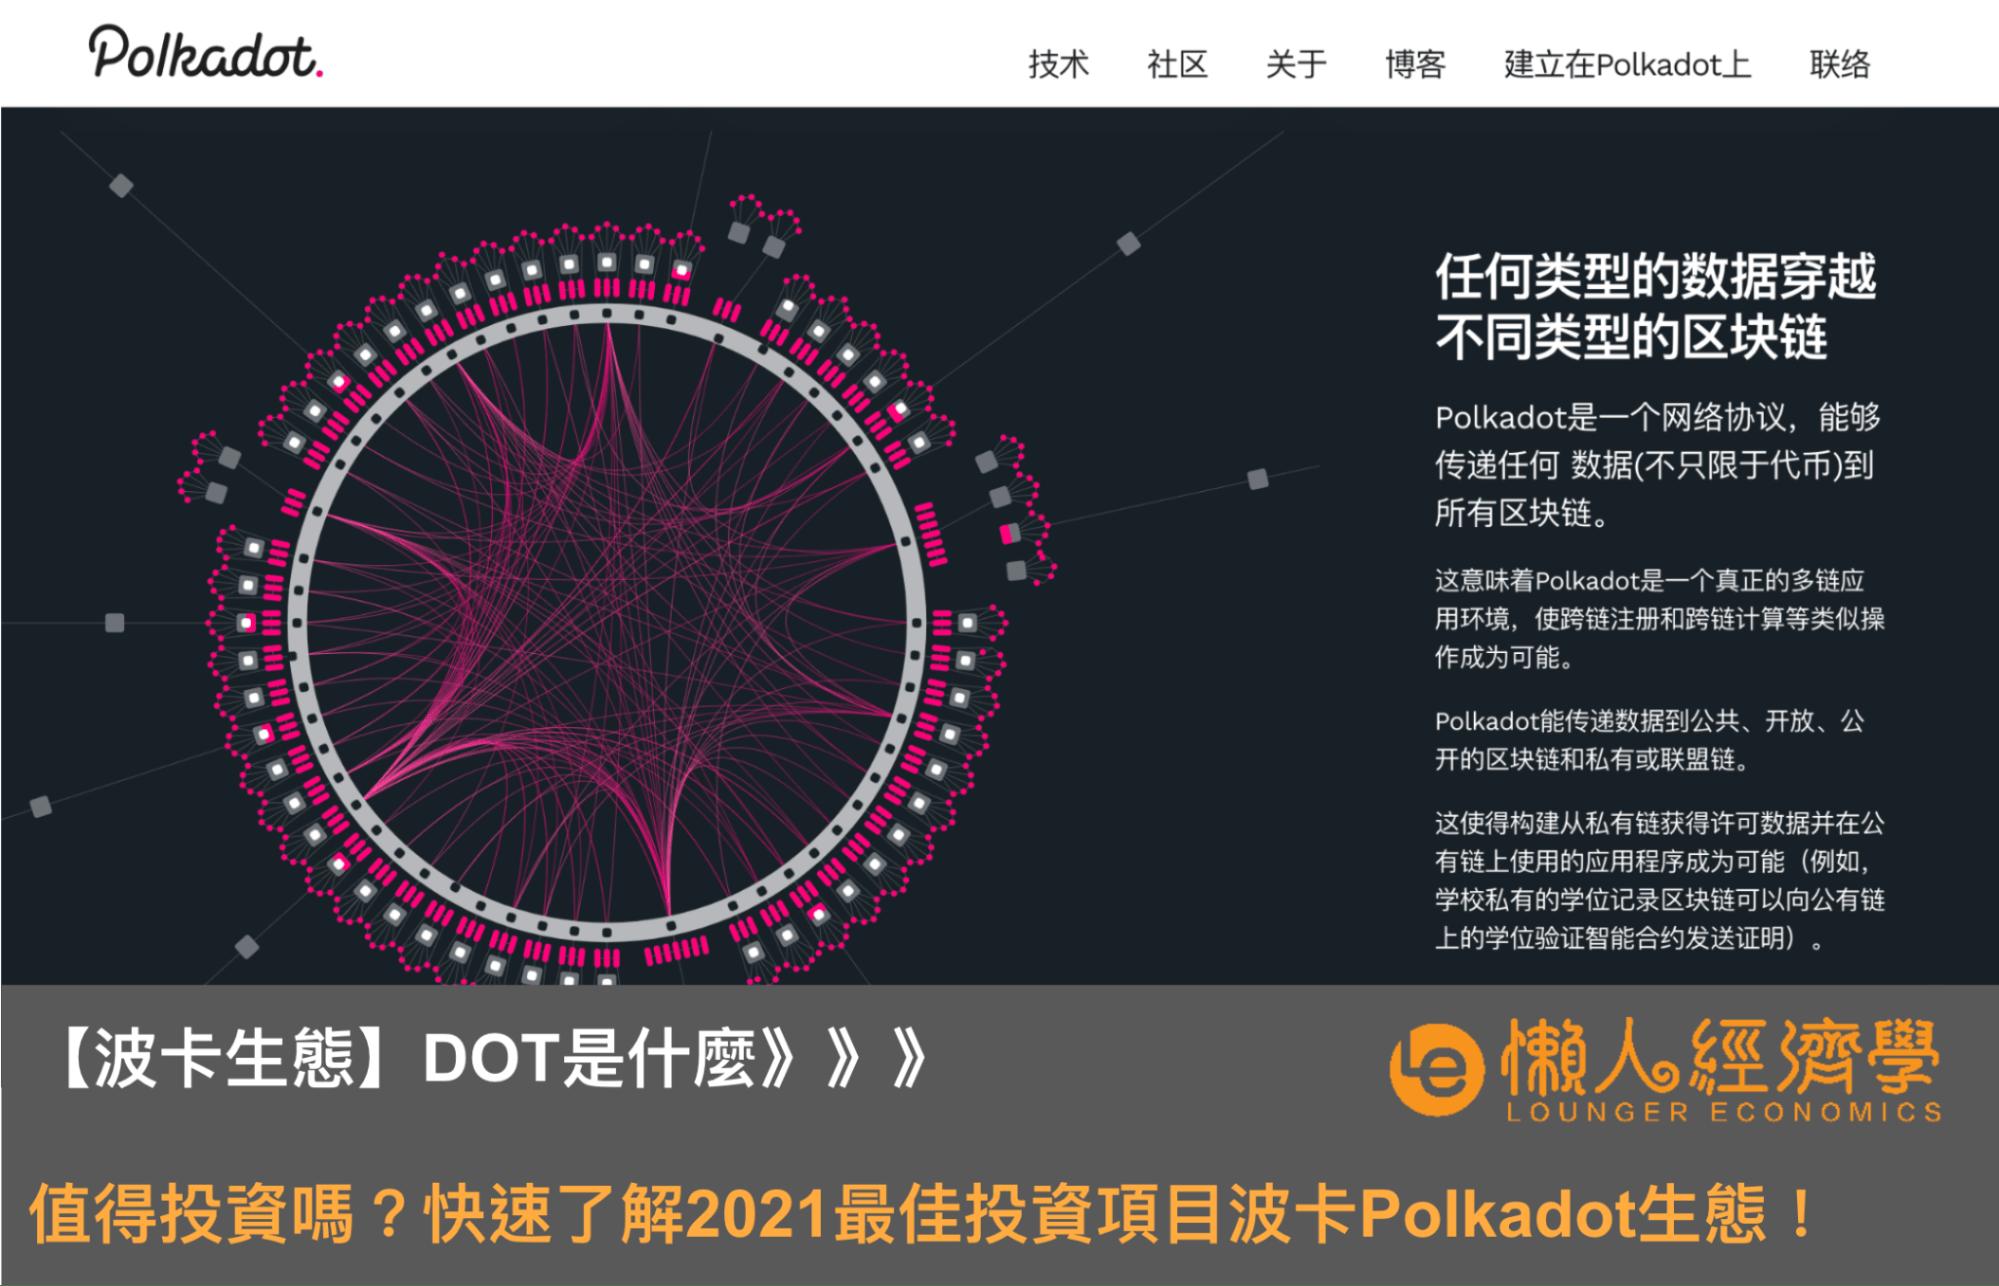 【波卡生態】DOT是什麼?值得投資嗎?快速了解2021最佳投資項目波卡Polkadot生態!